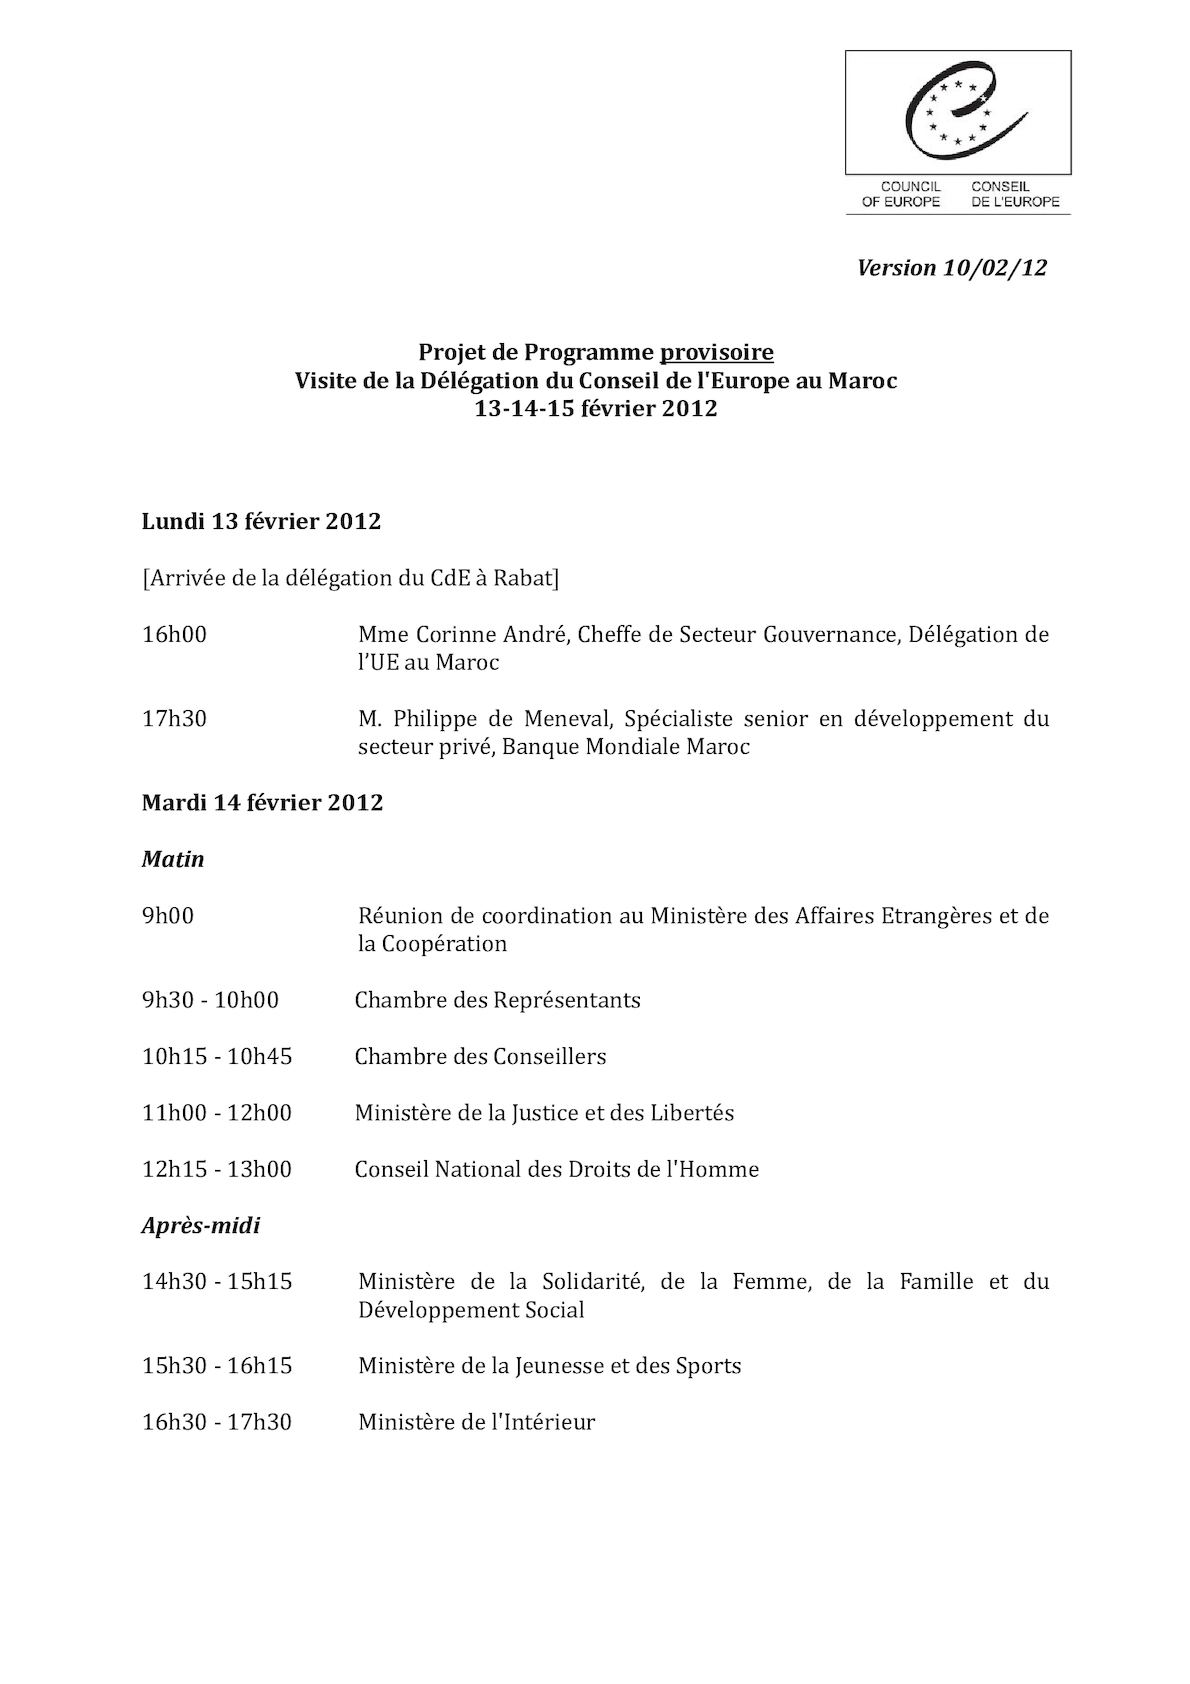 Projet De Programme- 14 15 Février 2012